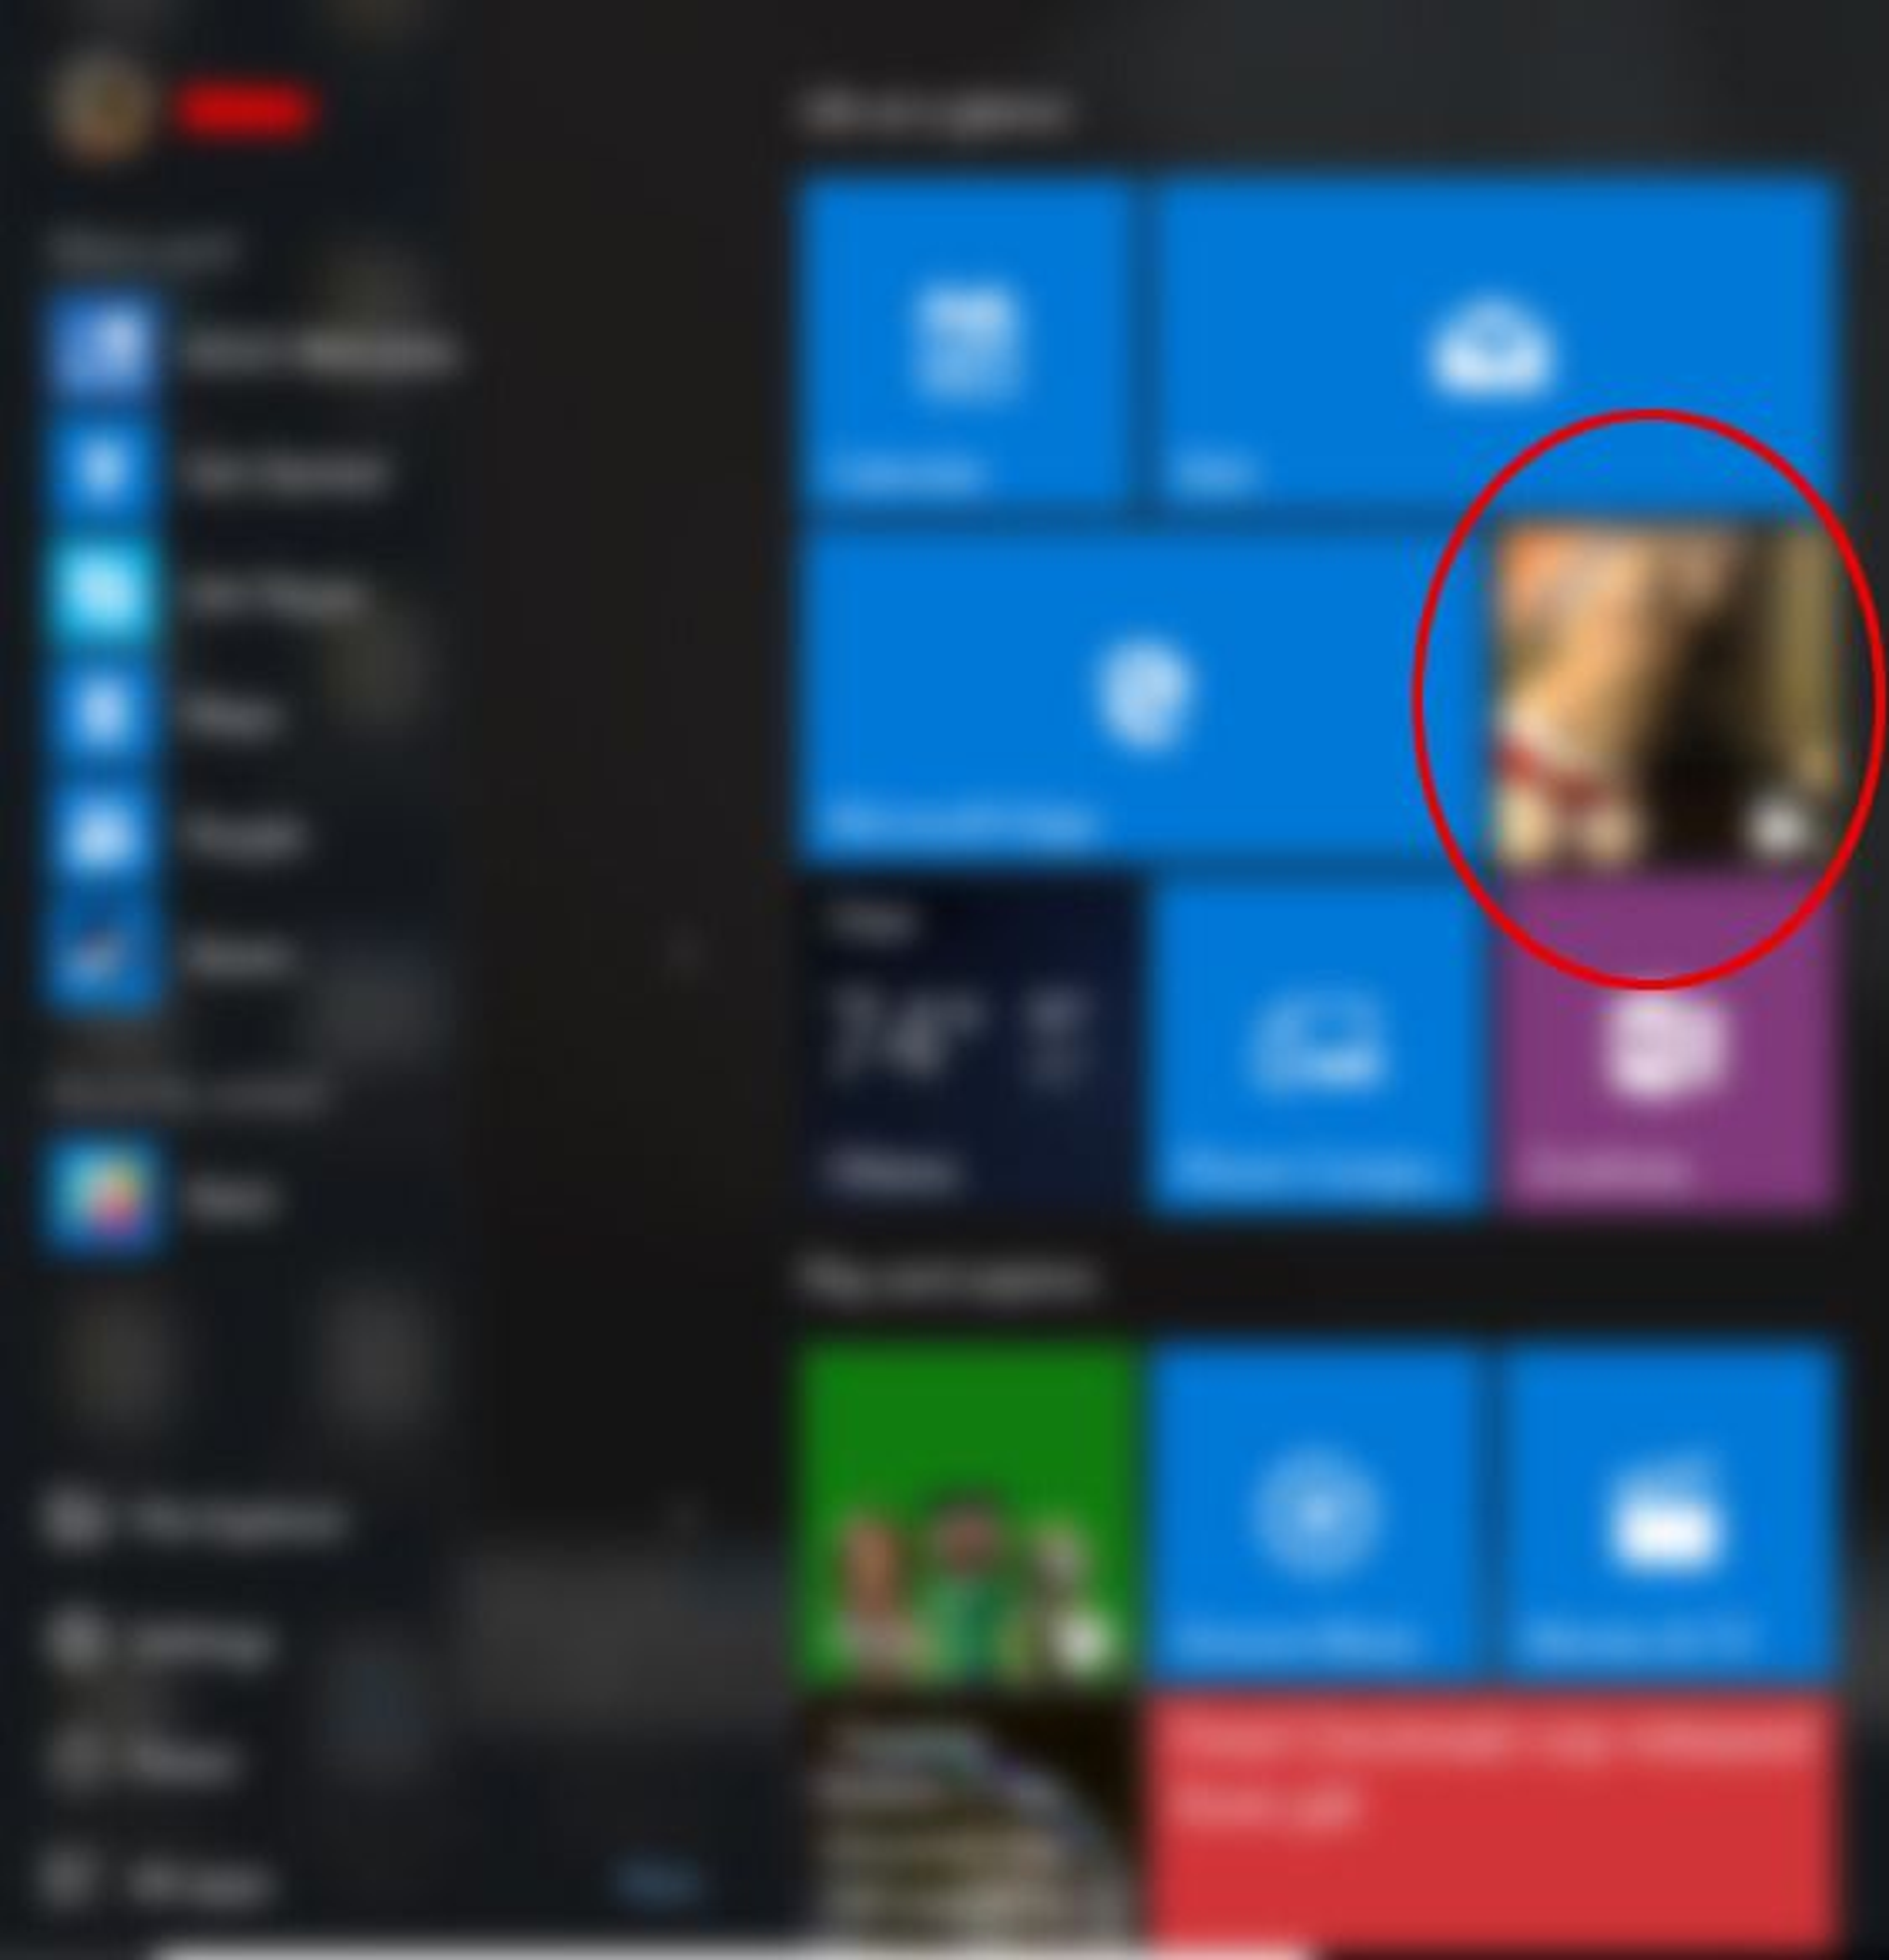 artikler installerte windows fikk pornosamlingen som skjermsparer